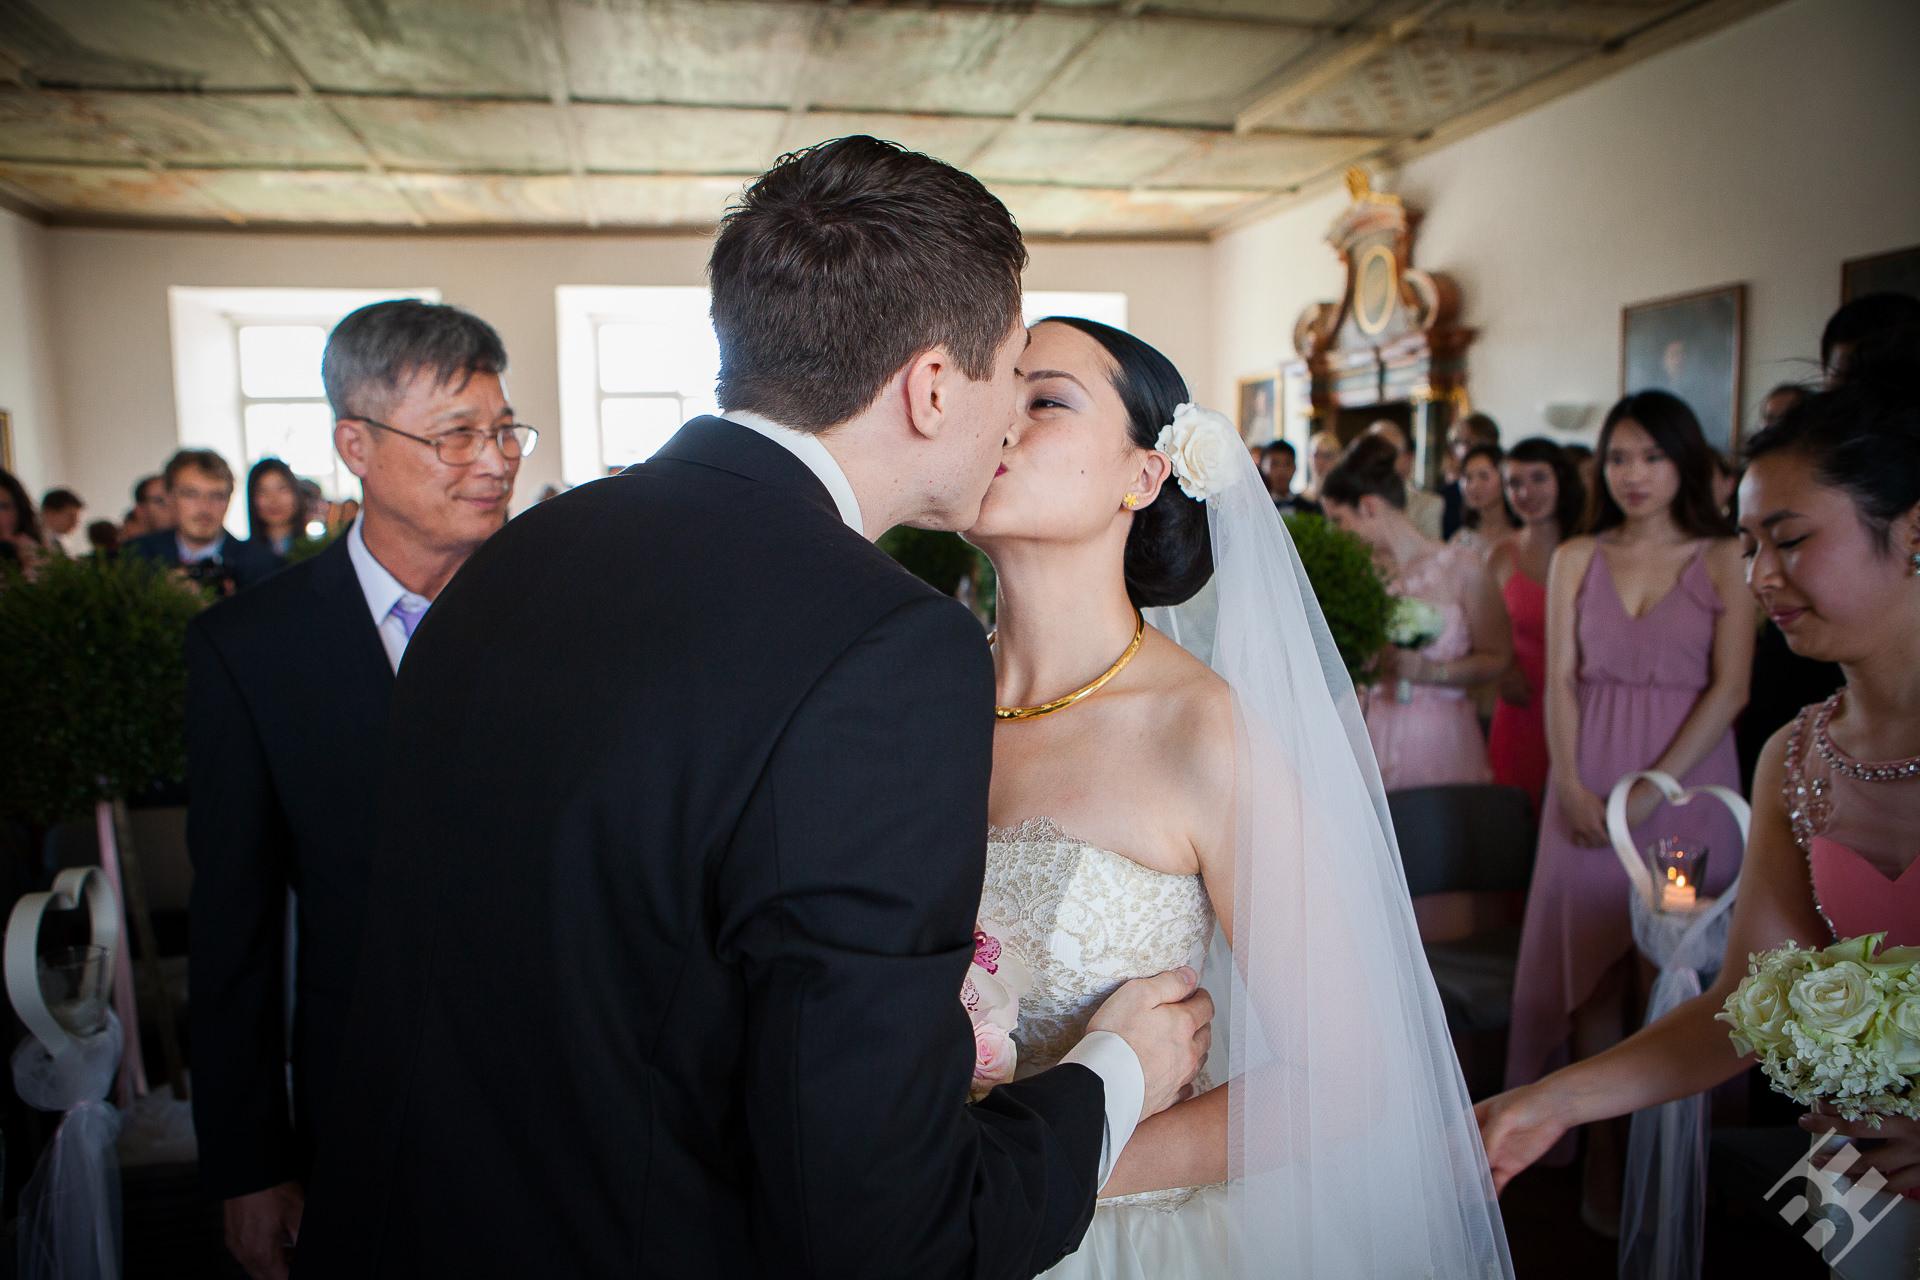 Hochzeit_14_IMG_9155_Volen_Evtimov